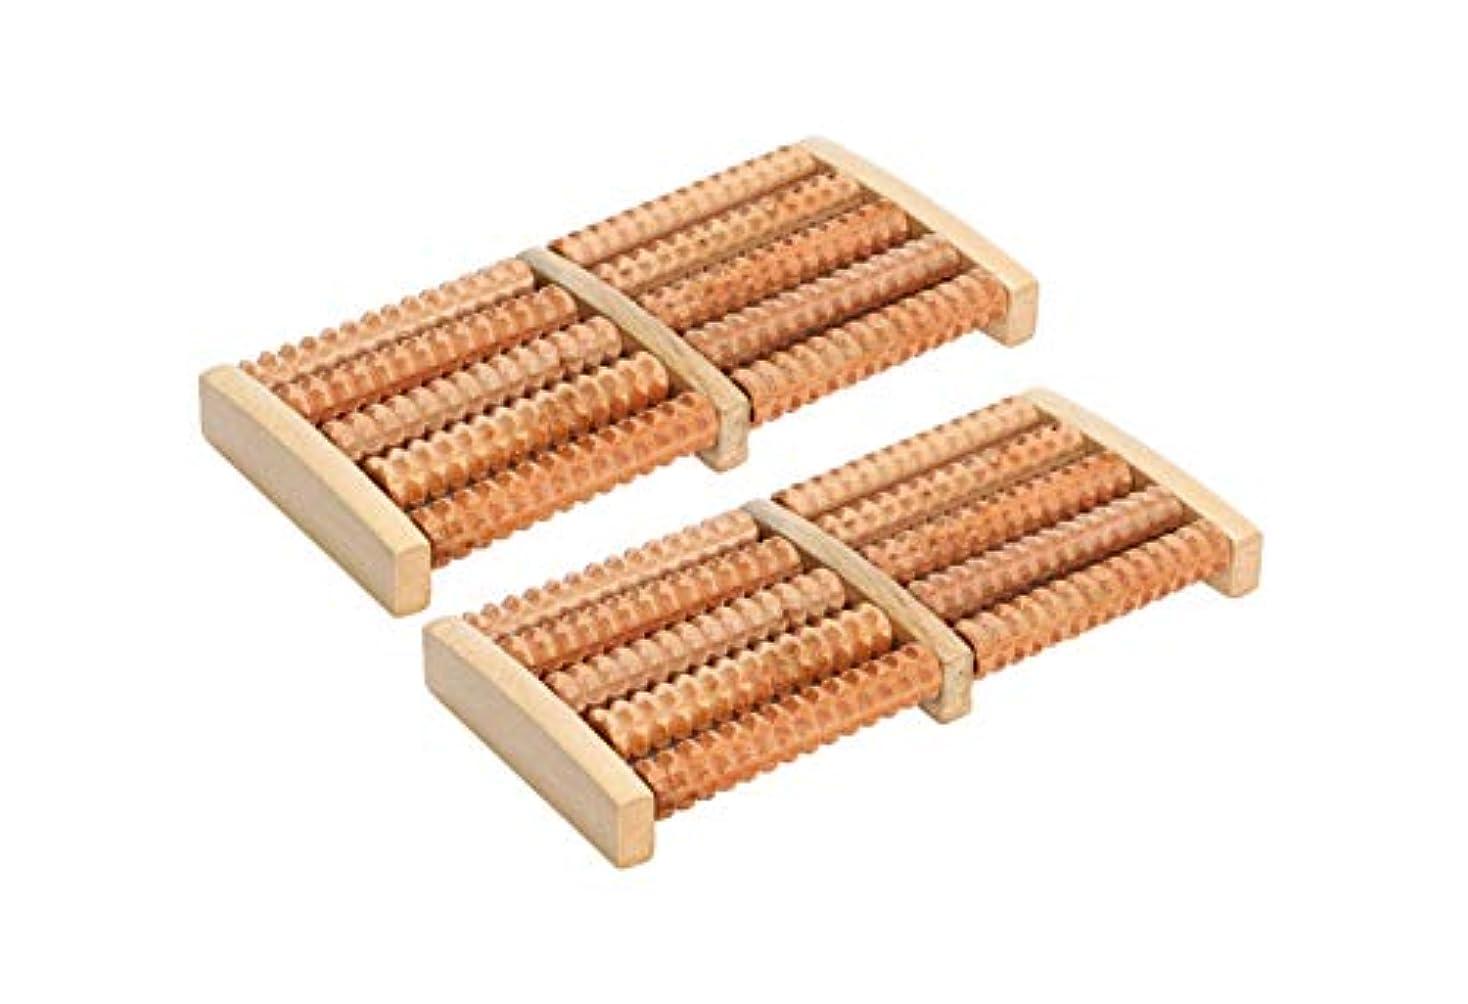 オンス腐敗パパほうねん堂 足つぼ ローラー 木製 足裏 マッサージ ツボ押し 健康器具 2個 セット